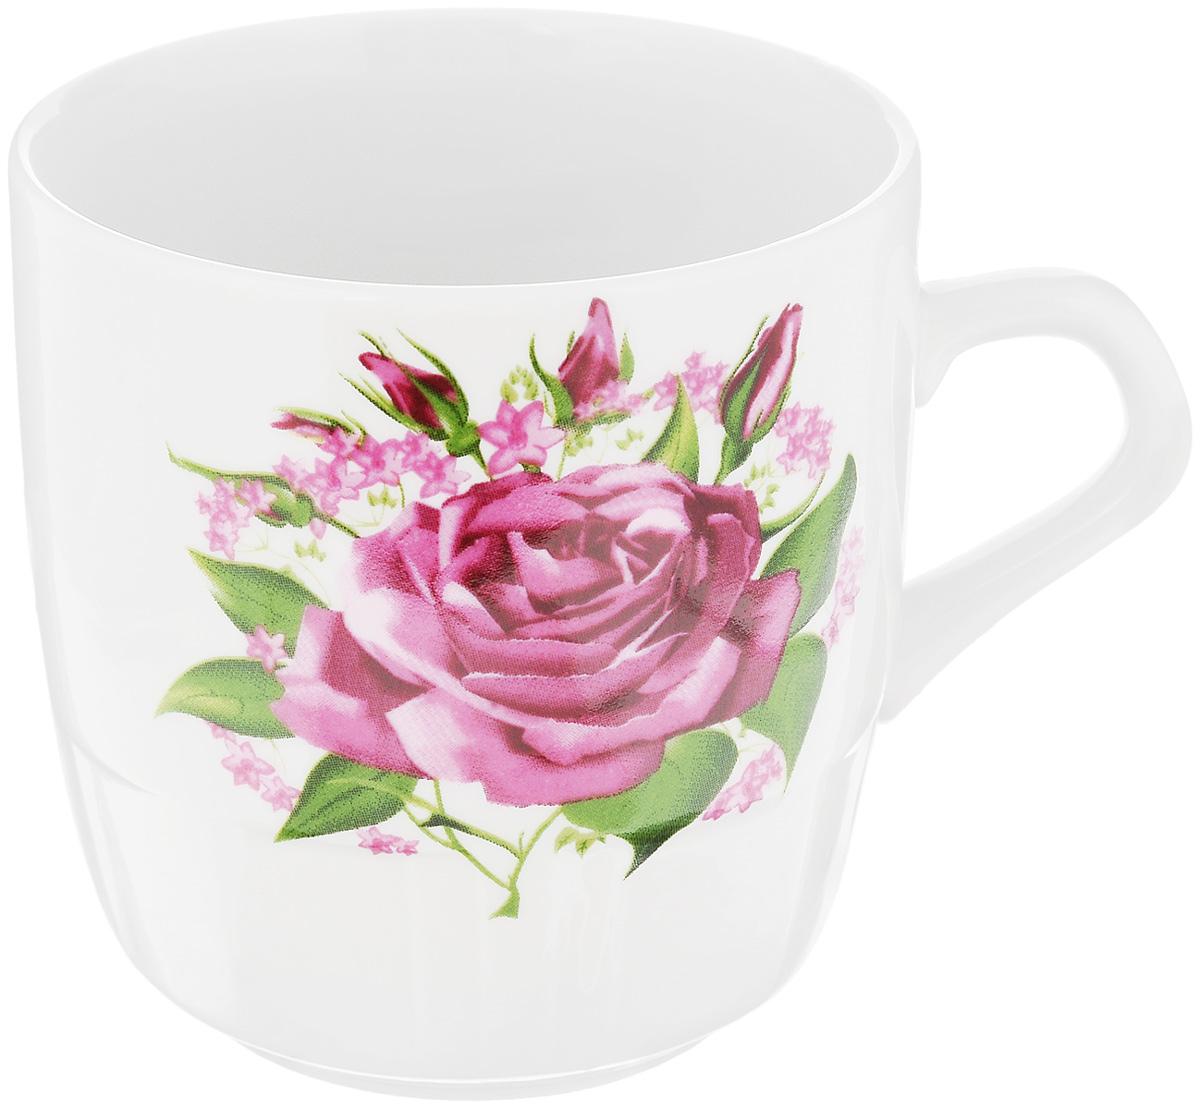 Кружка Фарфор Вербилок Розовые бутоны, 250 мл115610Кружка Фарфор Вербилок Розовые бутоны способна скрасить любое чаепитие. Изделие выполнено из высококачественного фарфора. Посуда из такого материала позволяет сохранить истинный вкус напитка, а также помогает ему дольше оставаться теплым.Диаметр по верхнему краю: 8 см.Высота кружки: 8,5 см.